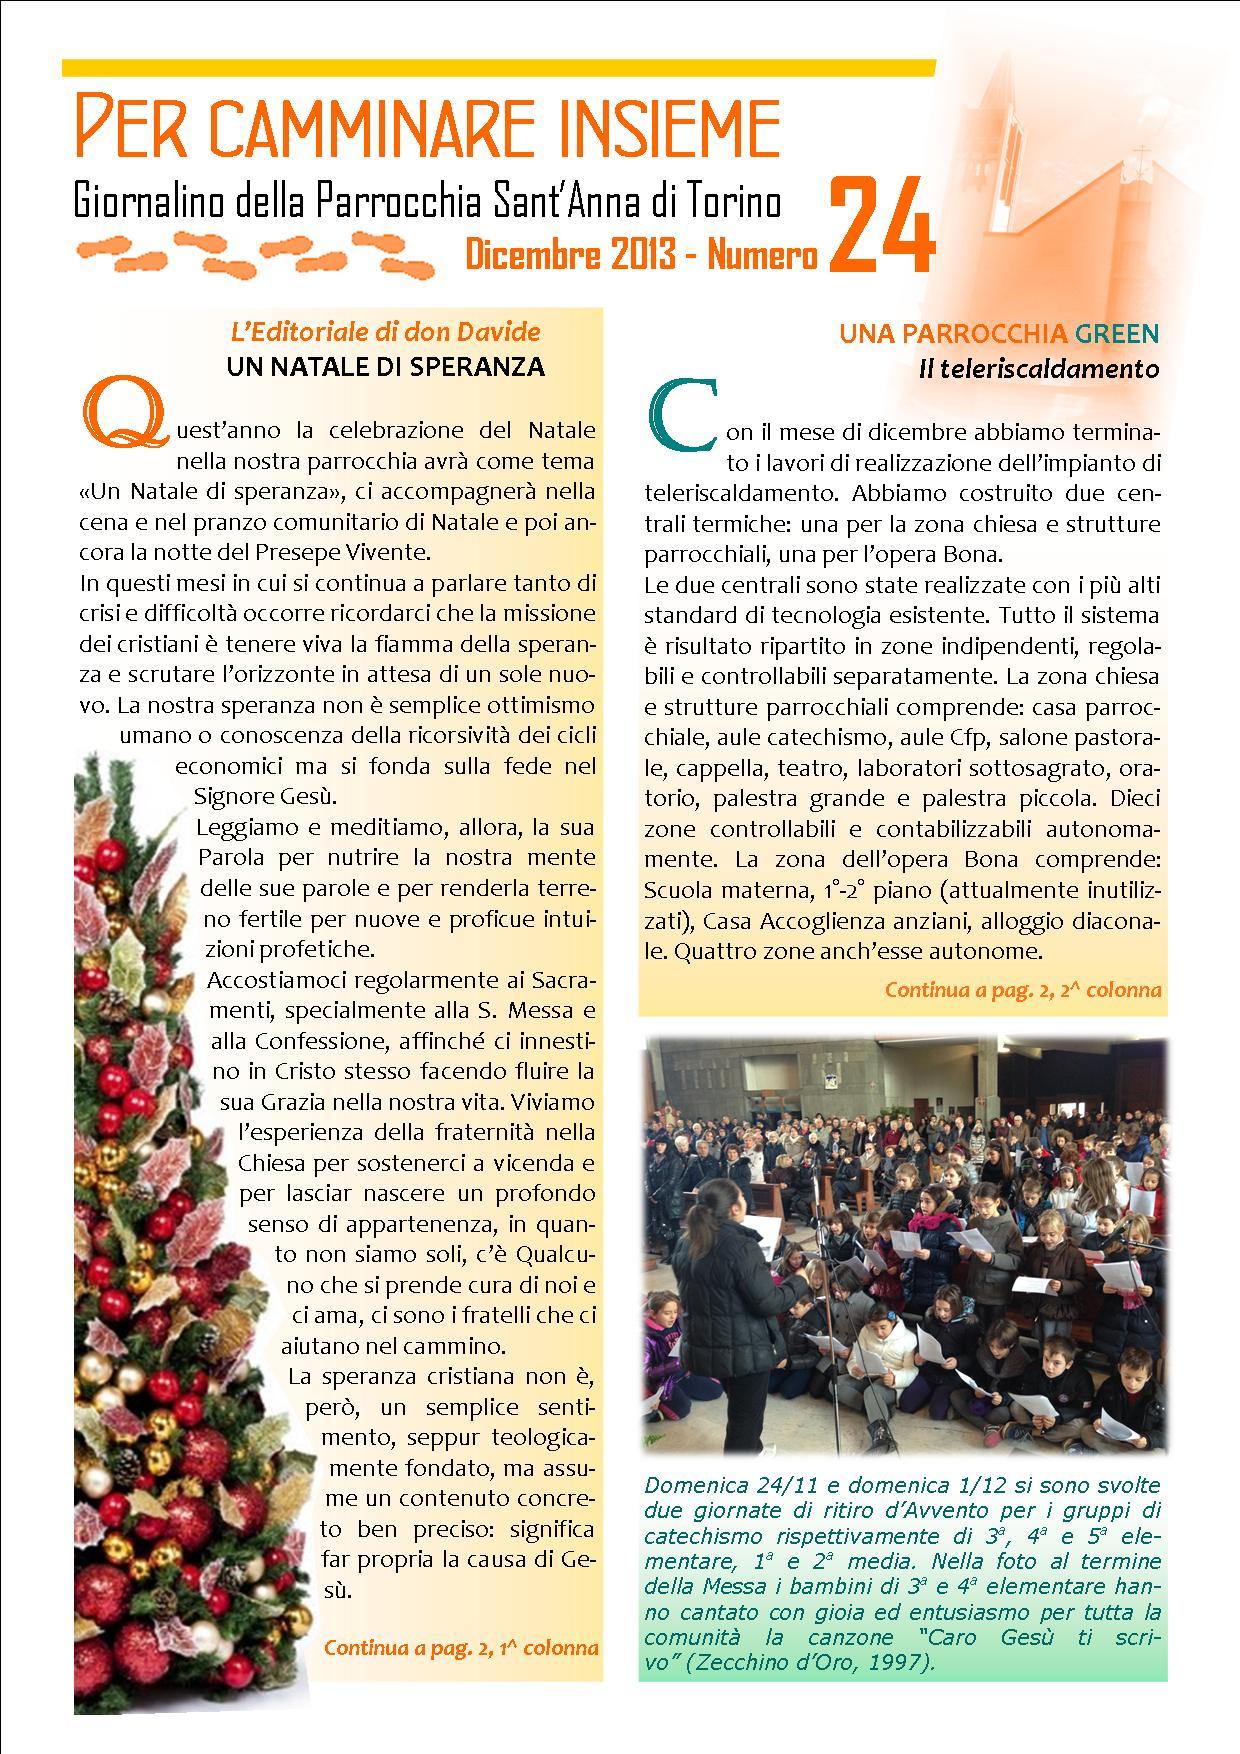 Giornalino parrocchia Sant'Anna Torino - dicembre 2013